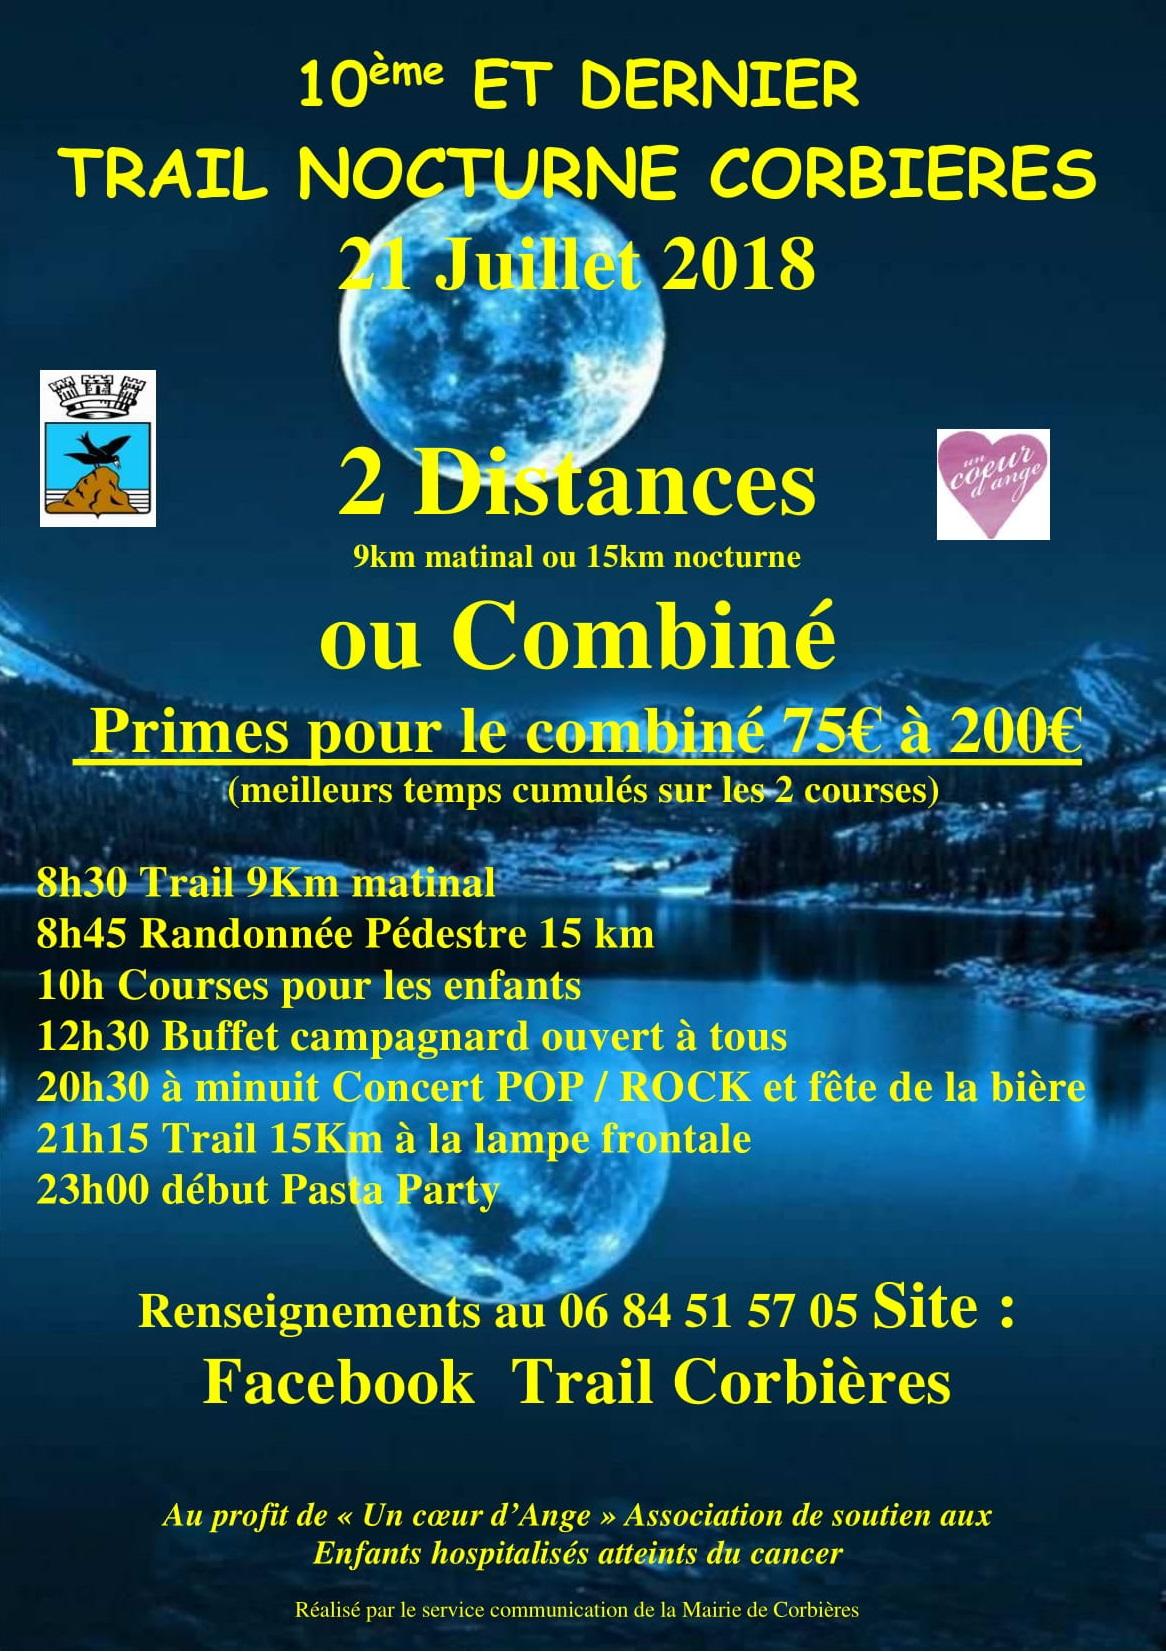 Trail Nocturne Corbiere - 9km + 15km